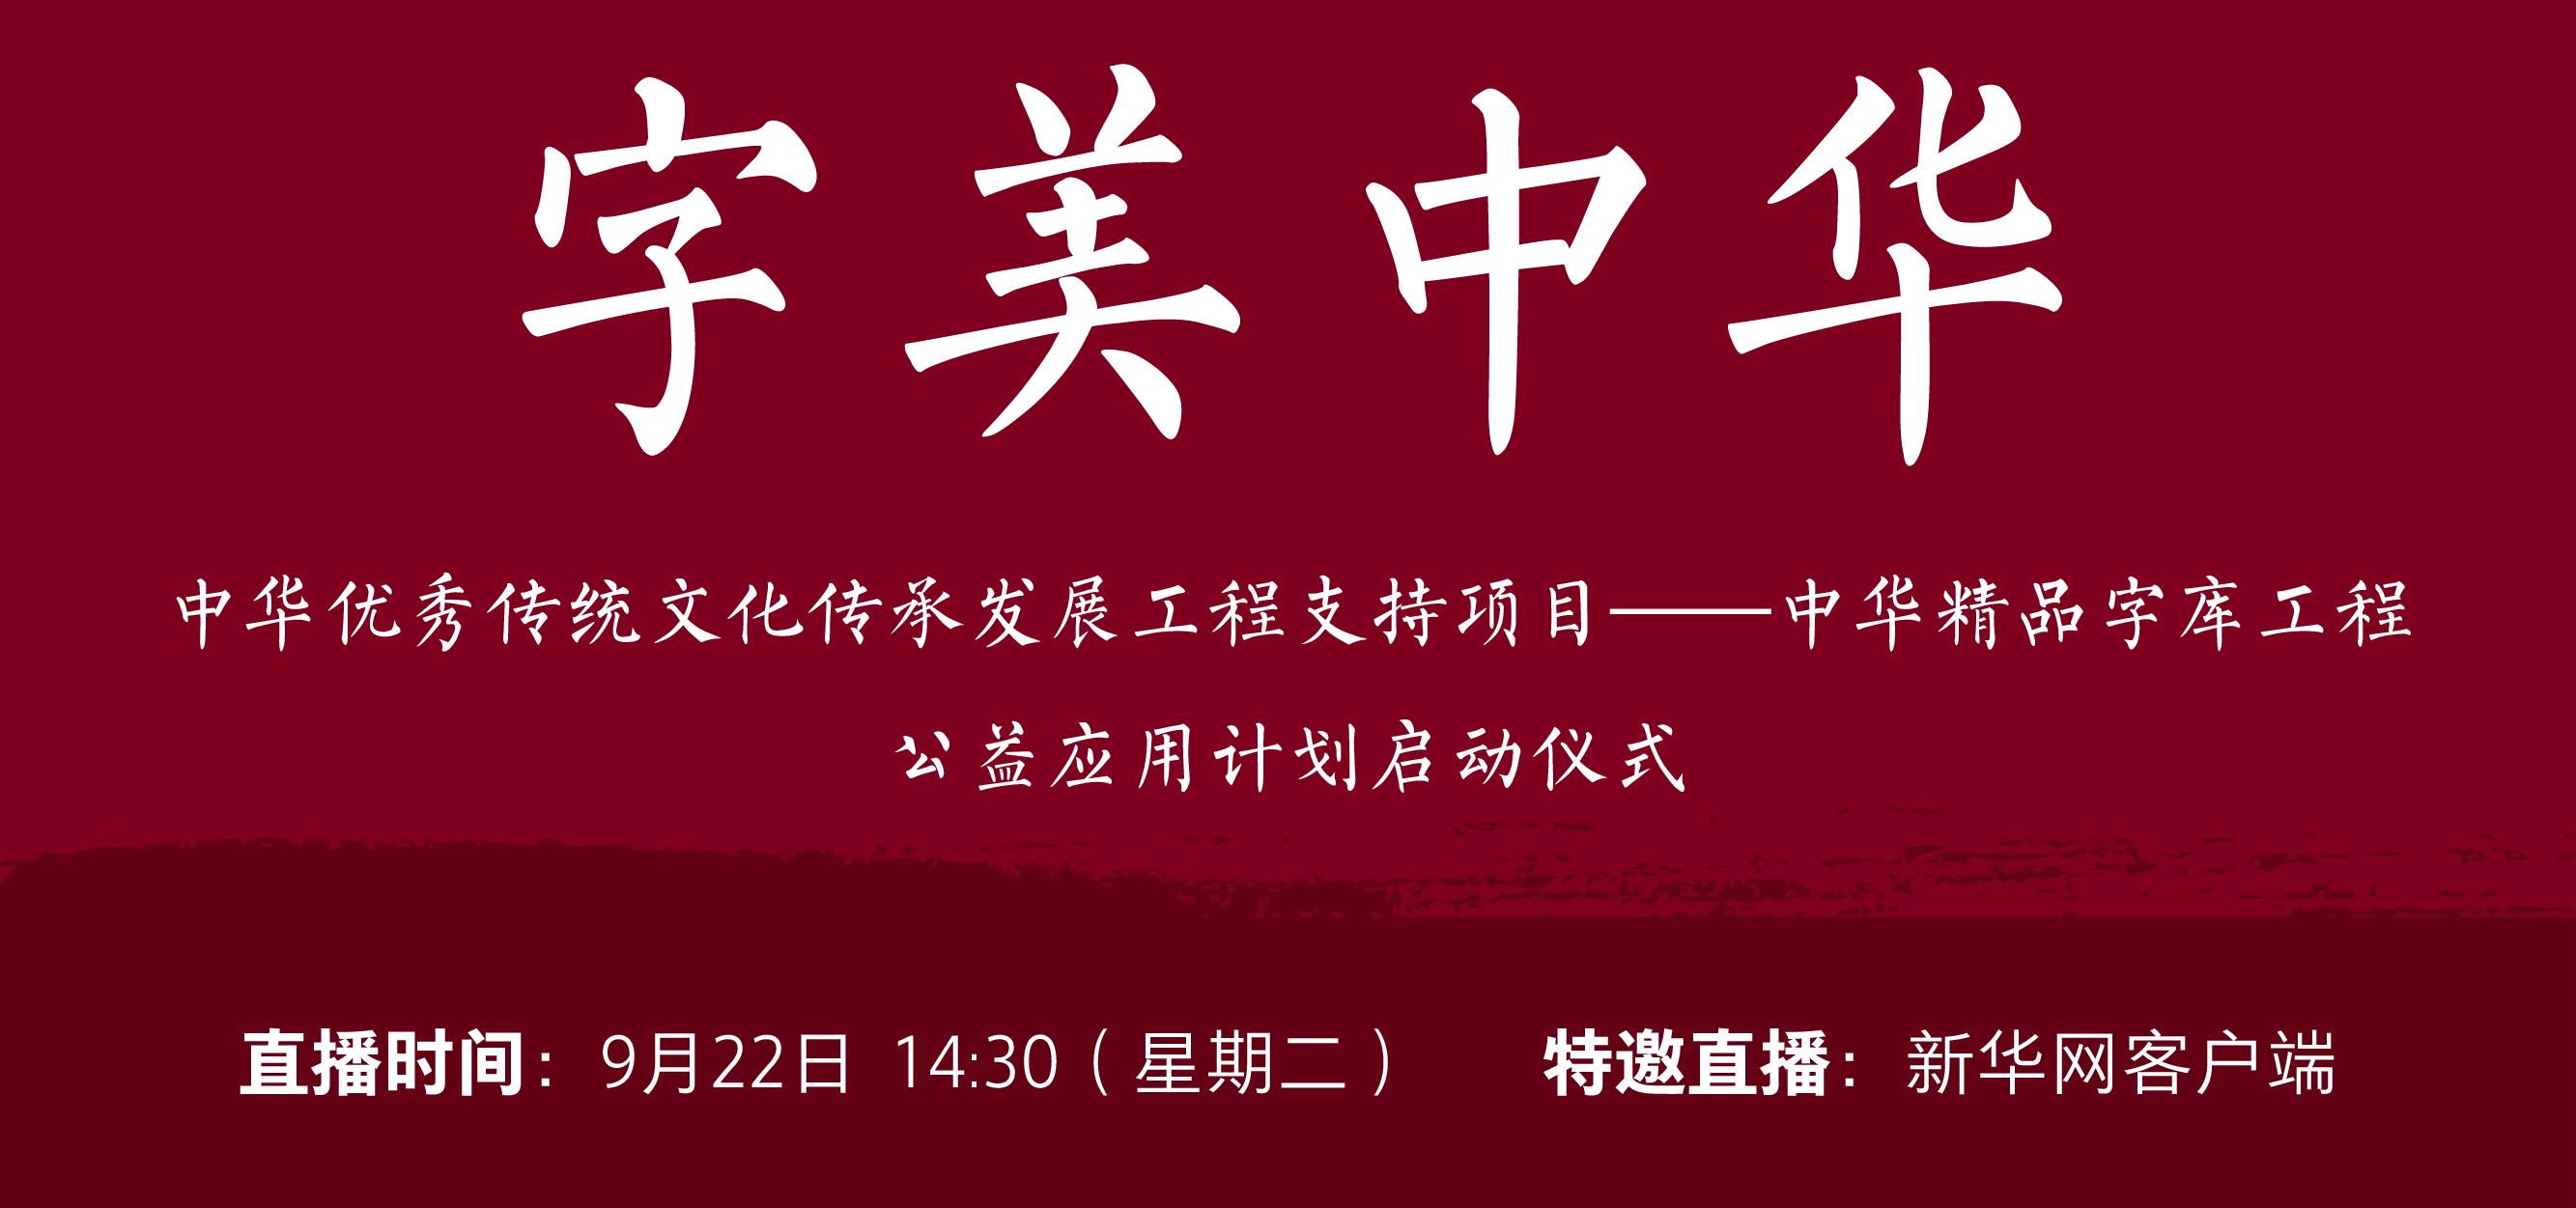 https://ft-bk1.oss-cn-zhangjiakou.aliyuncs.com/Public/Uploads/img/a_content_20200921140902_6353.png